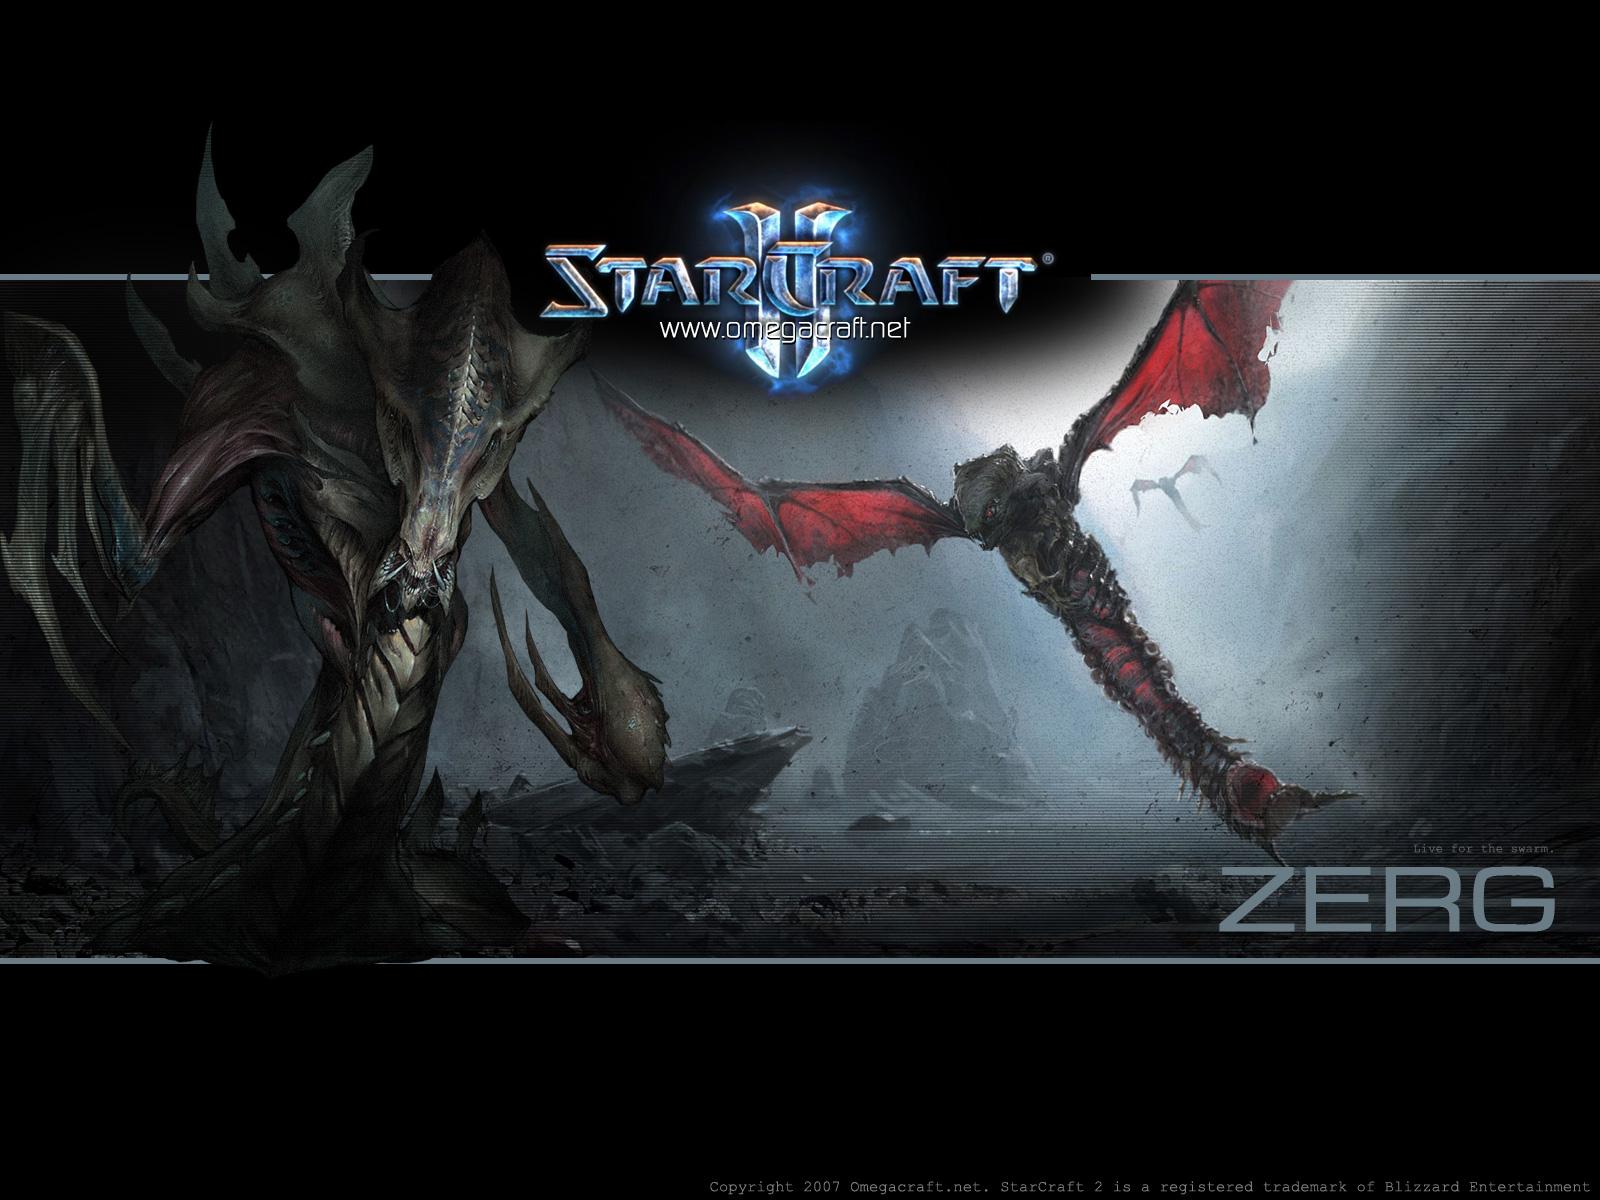 http://2.bp.blogspot.com/_uUgC17dMvlI/TE8oxoDSmbI/AAAAAAAAApA/p3jRY2QAOVc/s1600/Starcraft_2_Zerg_Wallpaper_by_maul.jpg